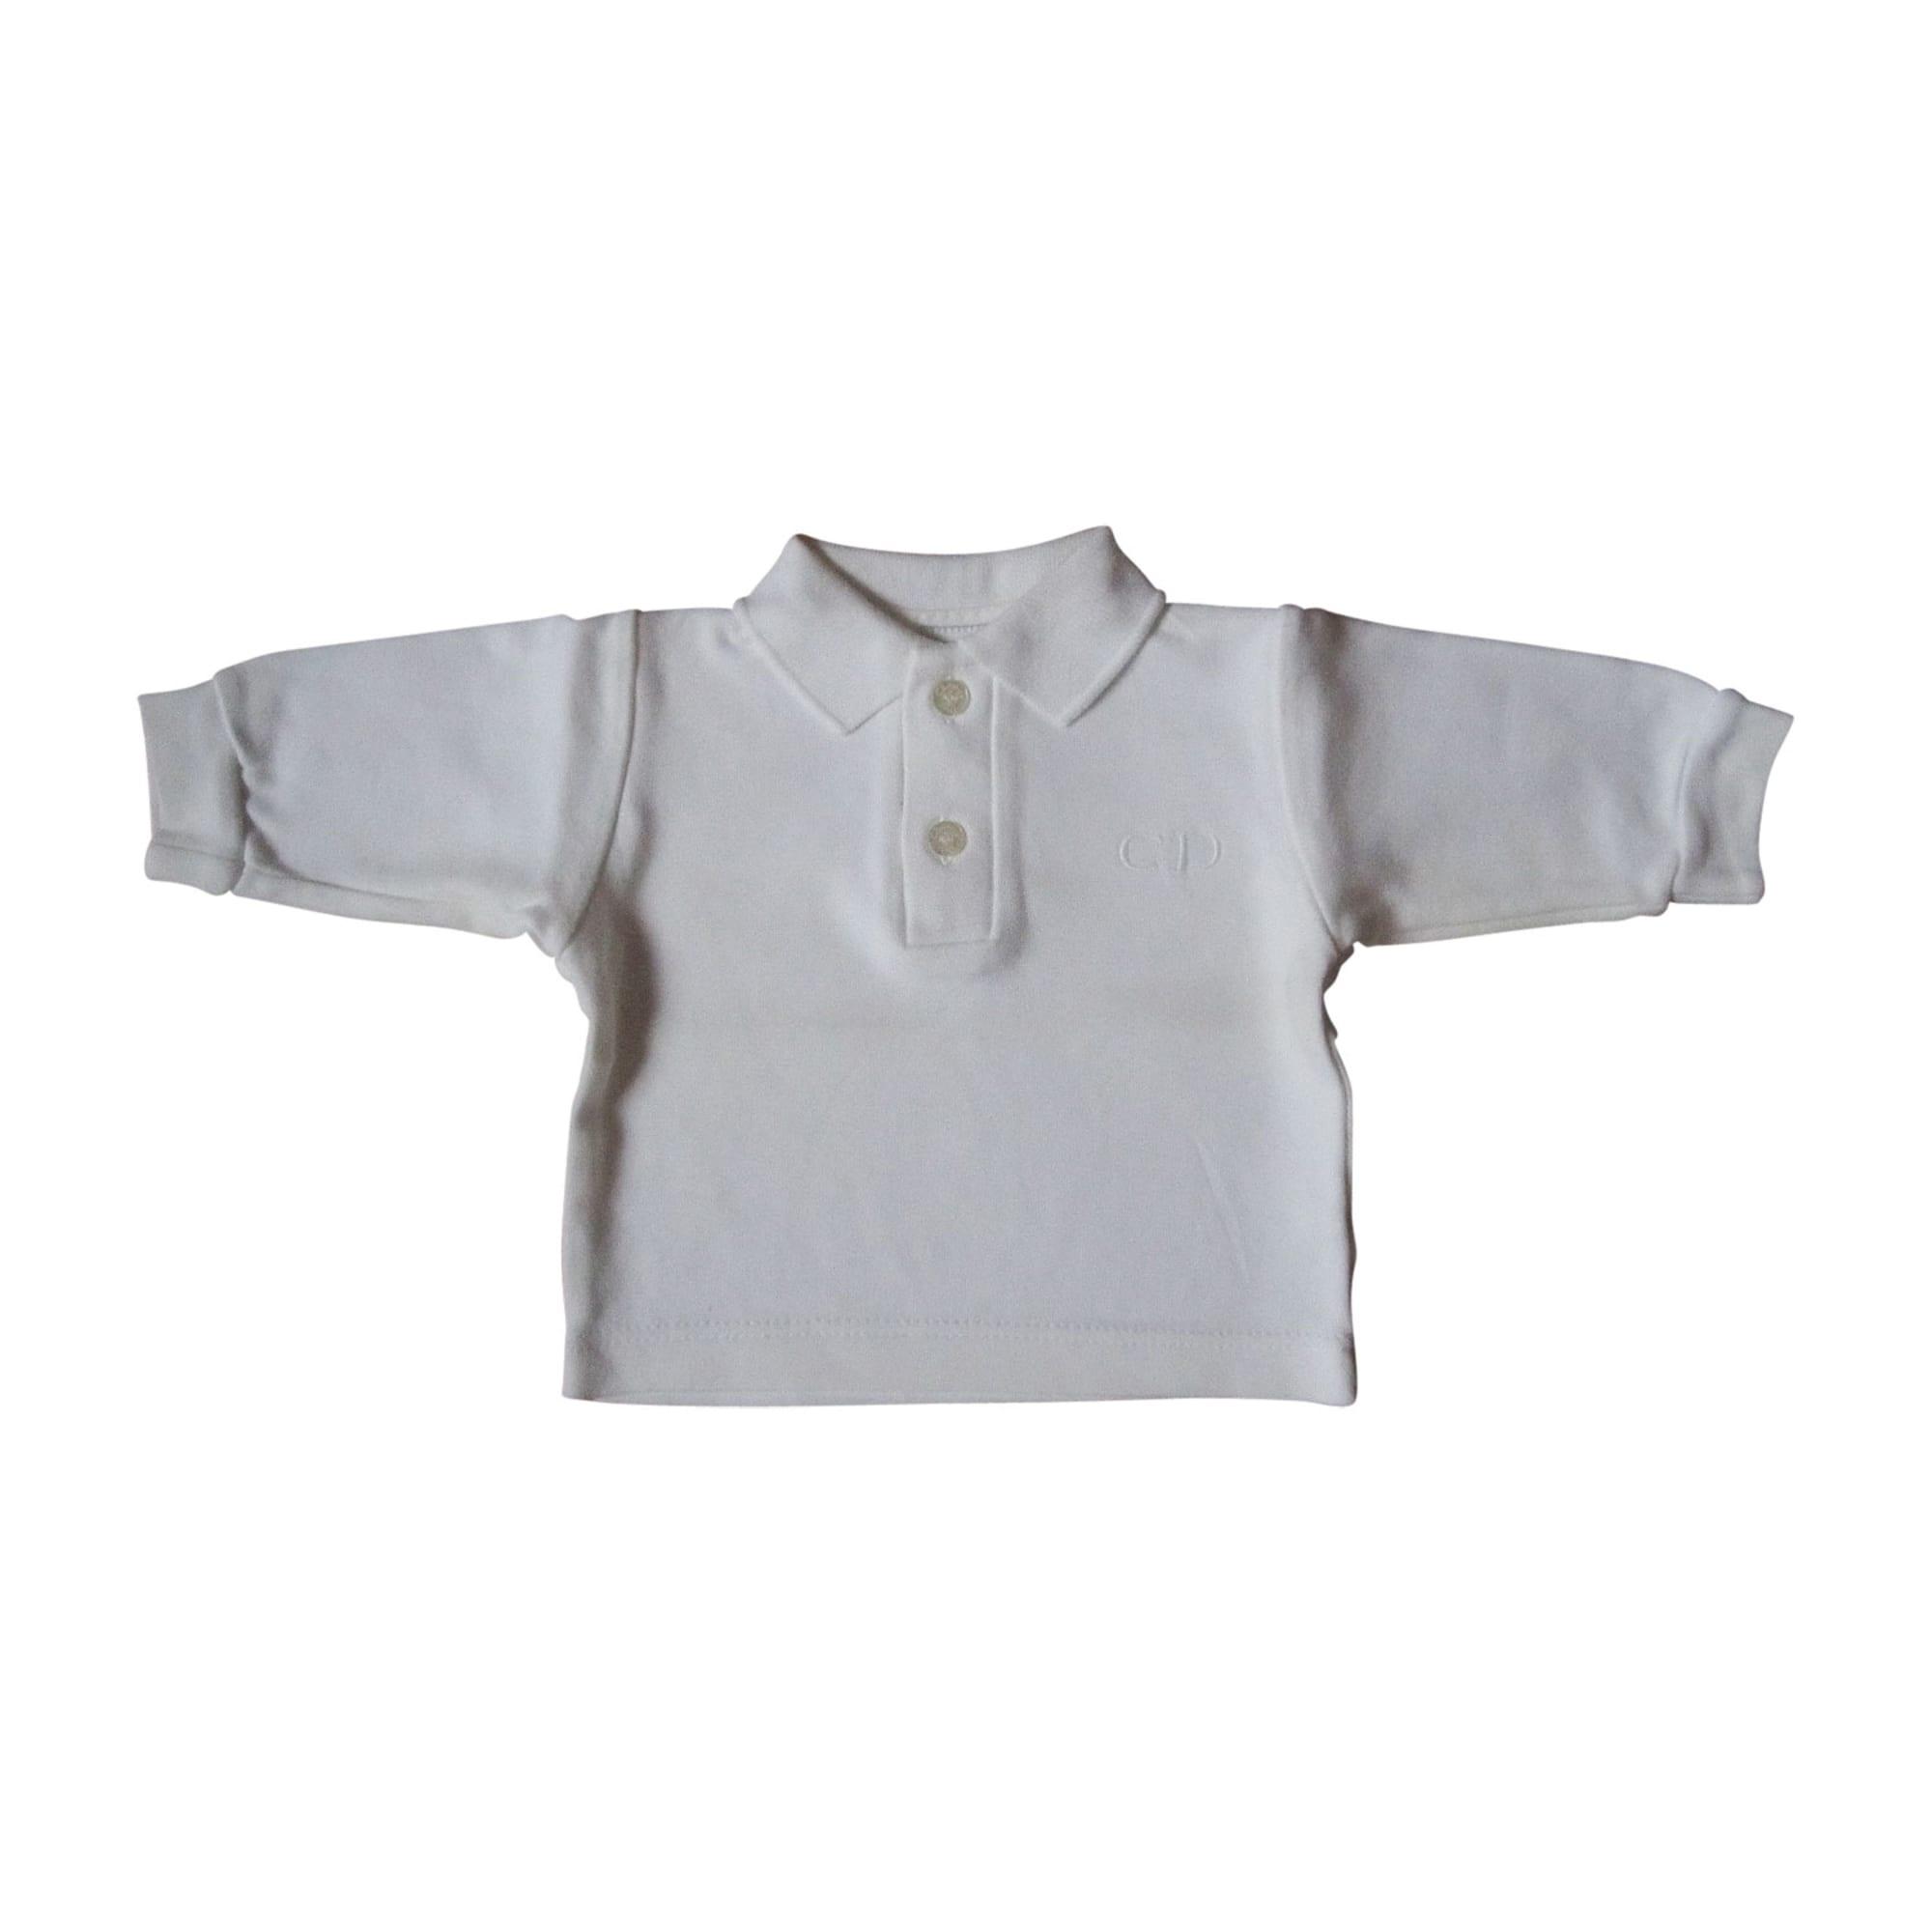 Polo BABY BABY DIOR 3 mois blanc - 352196